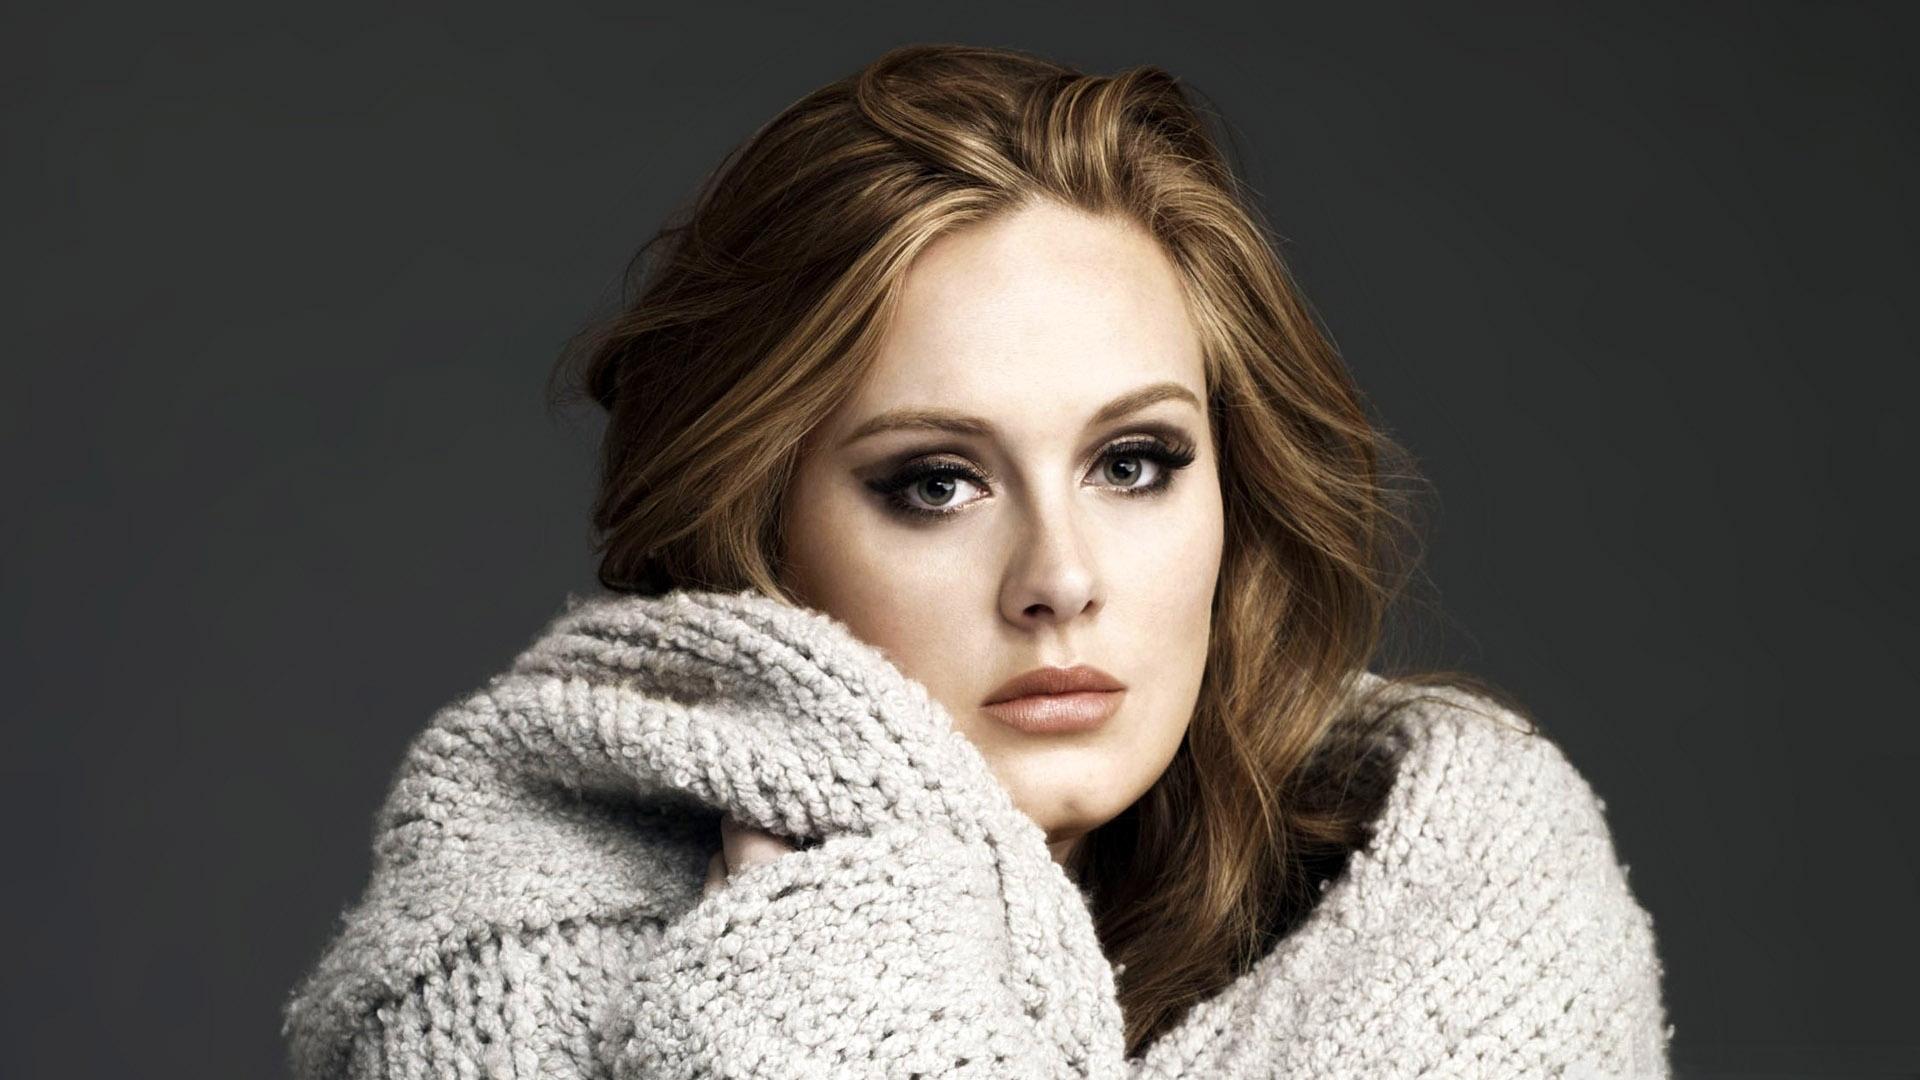 Jausmingą laišką gerbėjams parašiusi Adele sugrįžta su nauju albumu